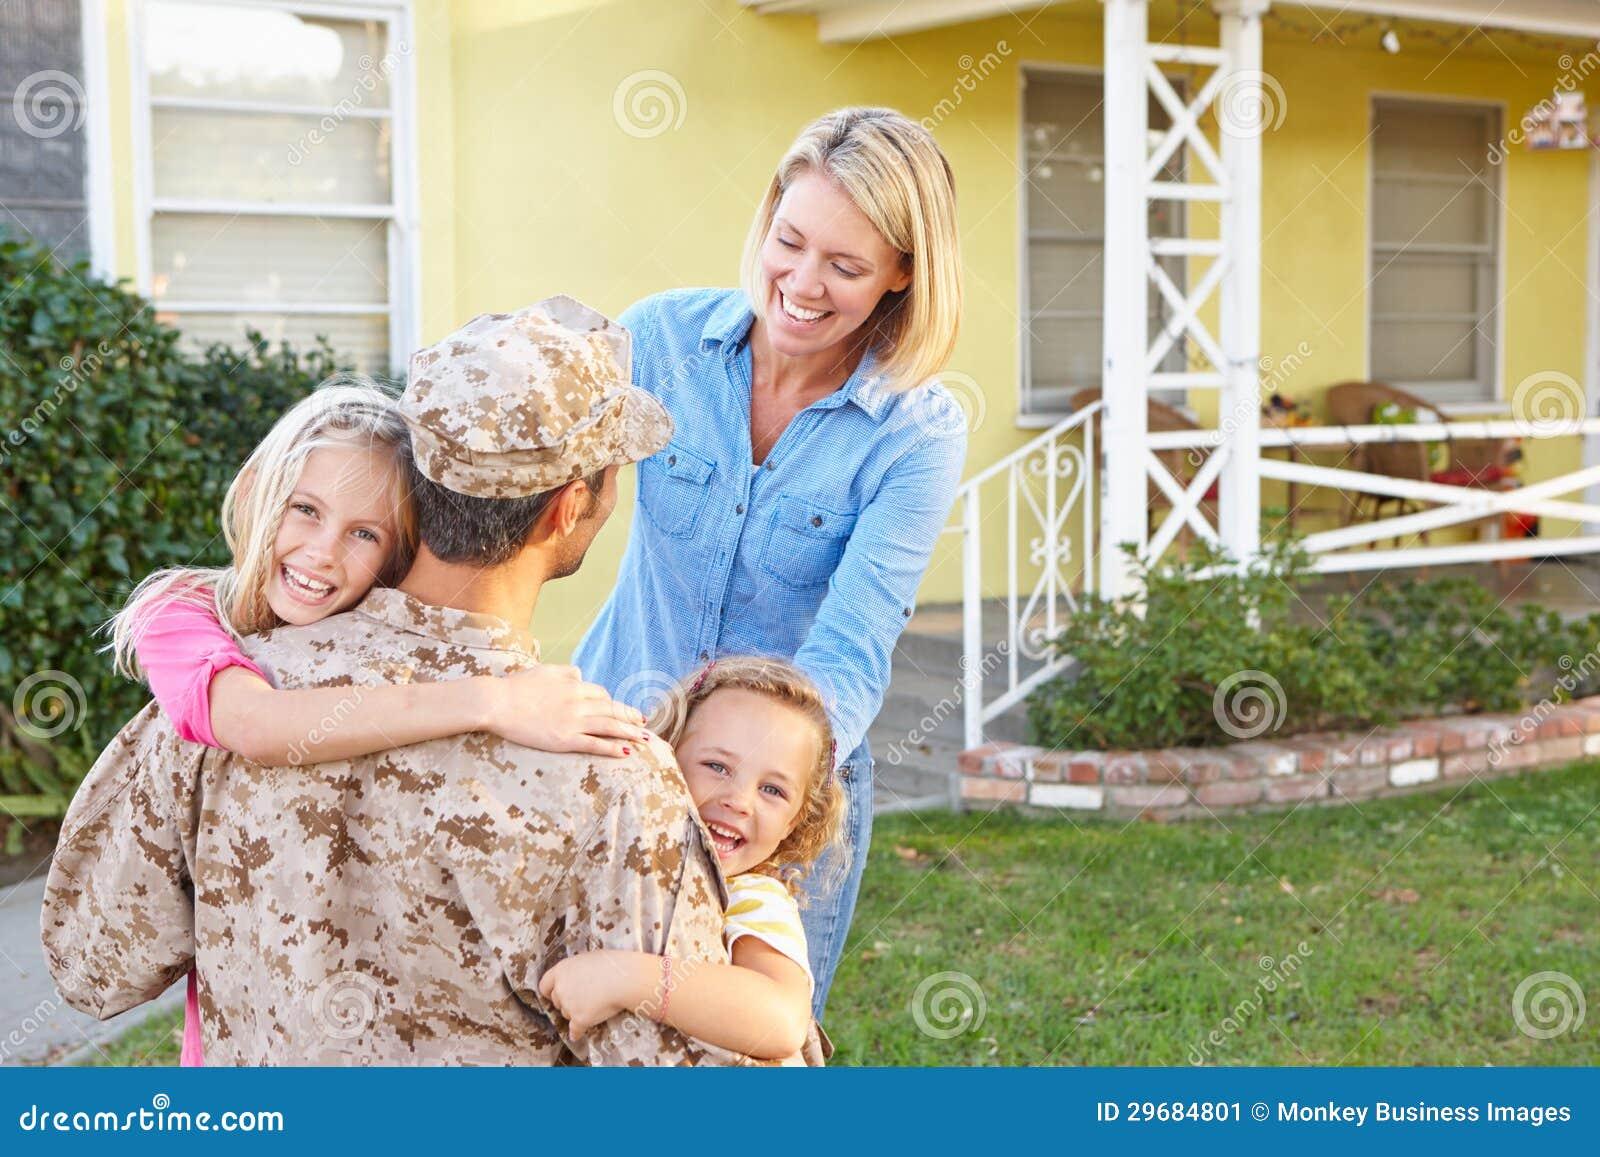 军队事假的家庭欢迎丈夫家